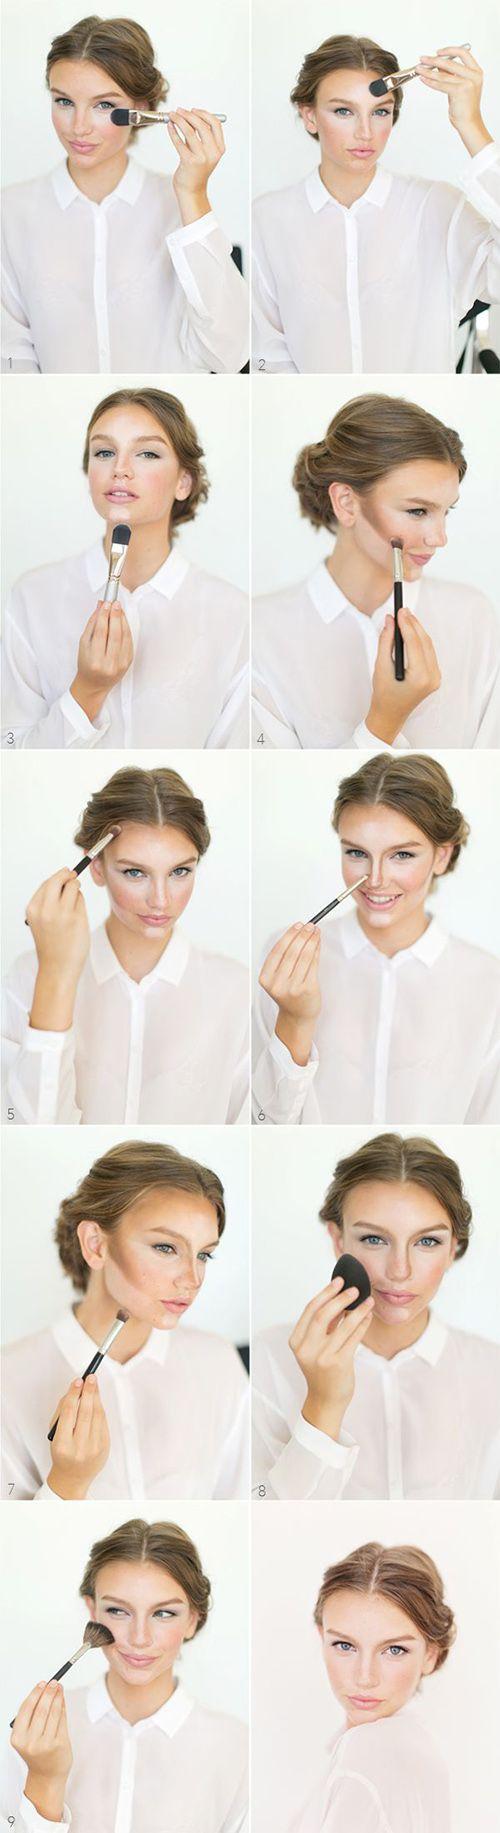 Consejos y tips para hacer fotografía para tutoriales de maquillaje 4